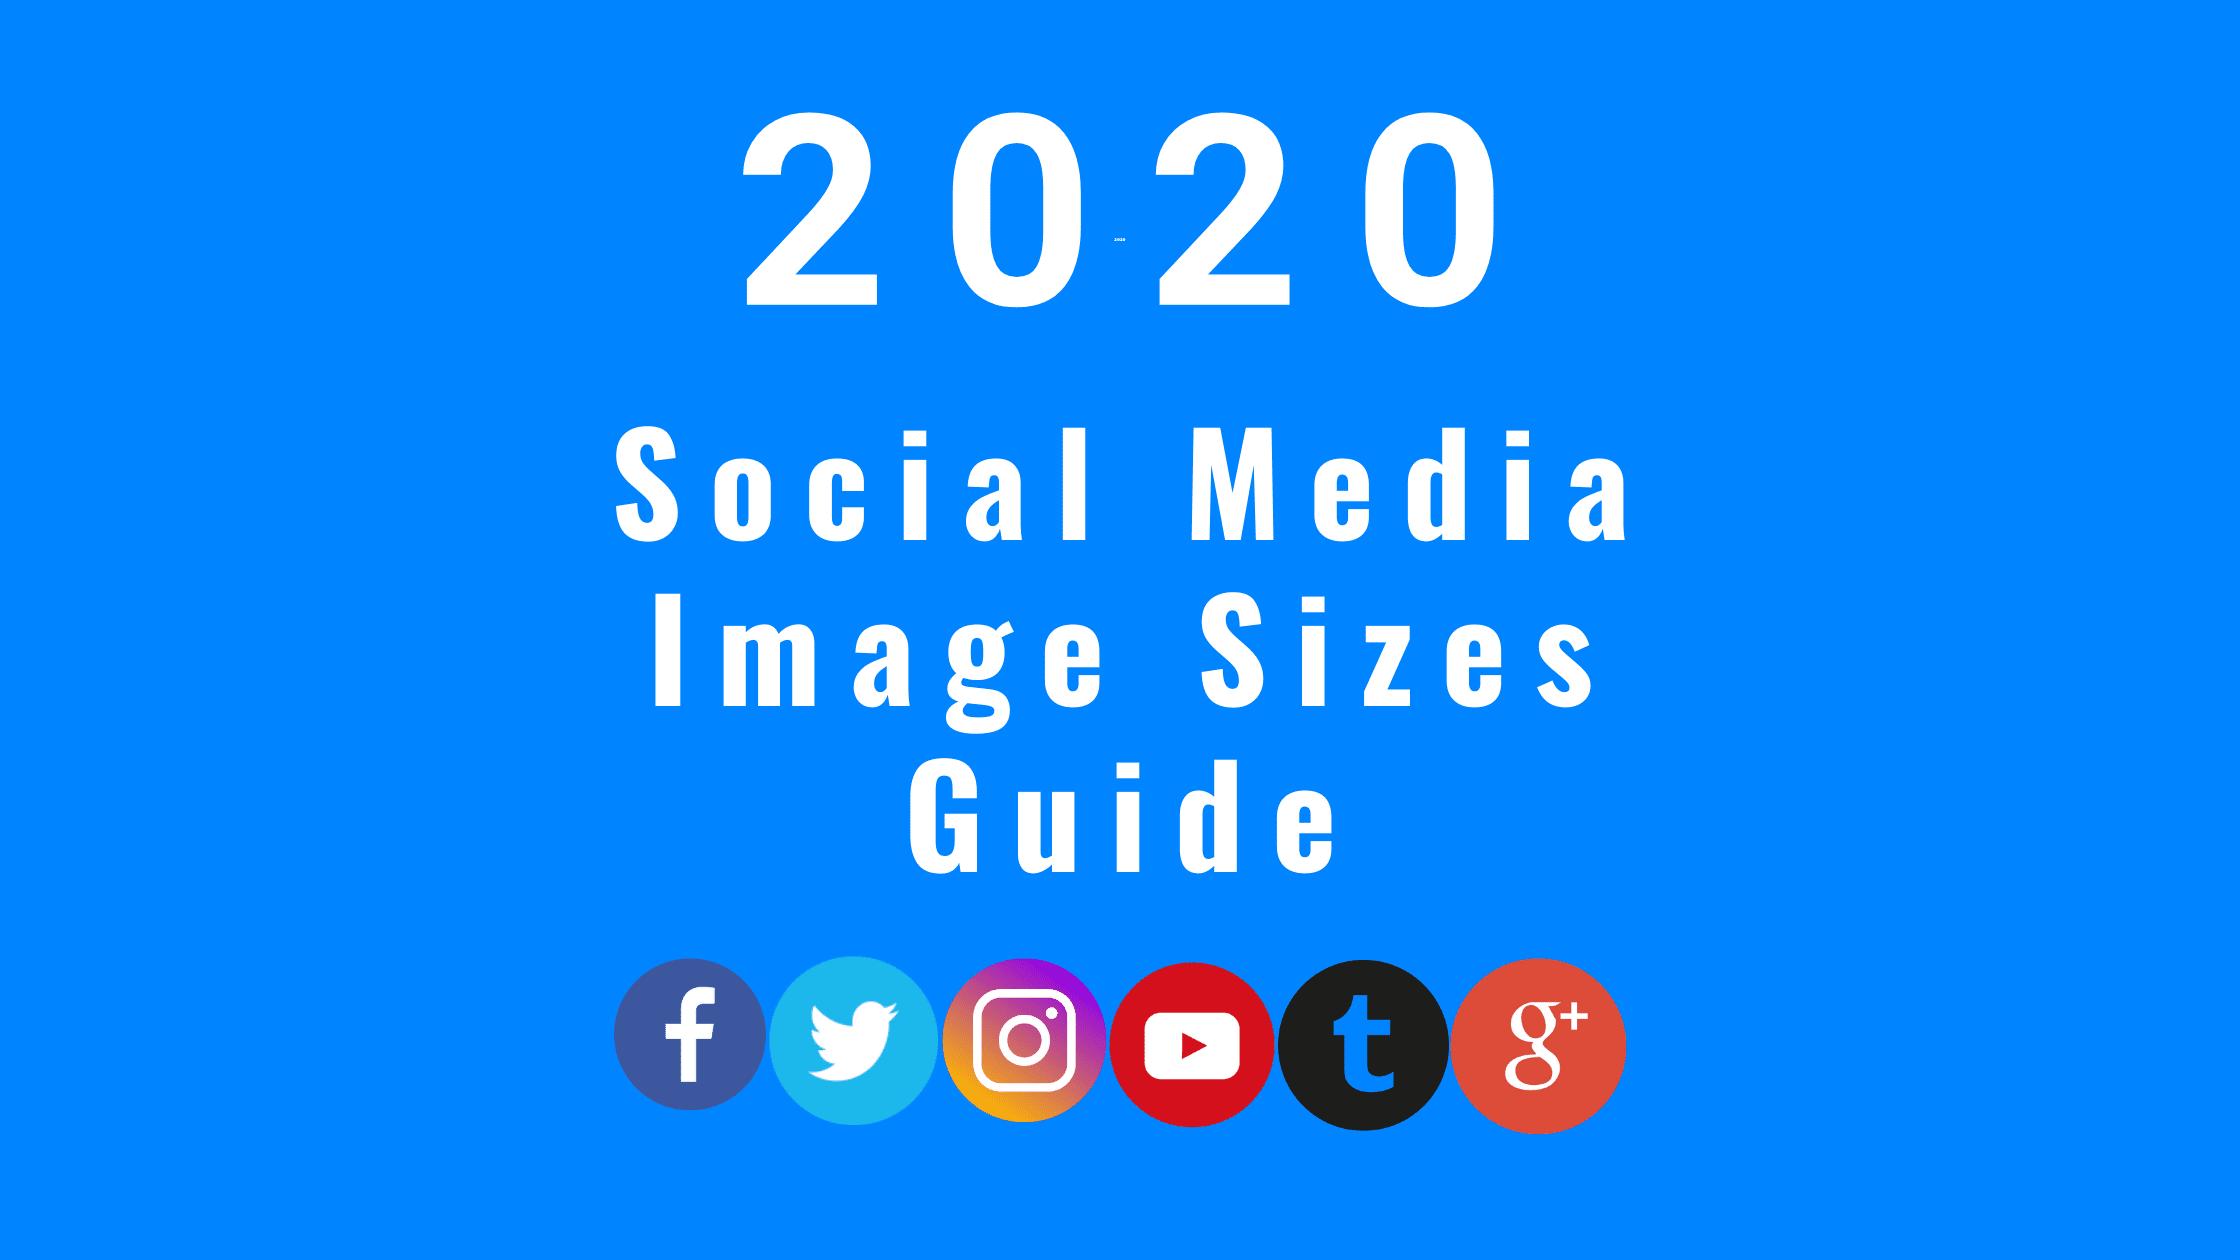 Social Media Image Sizes Guide For 2020